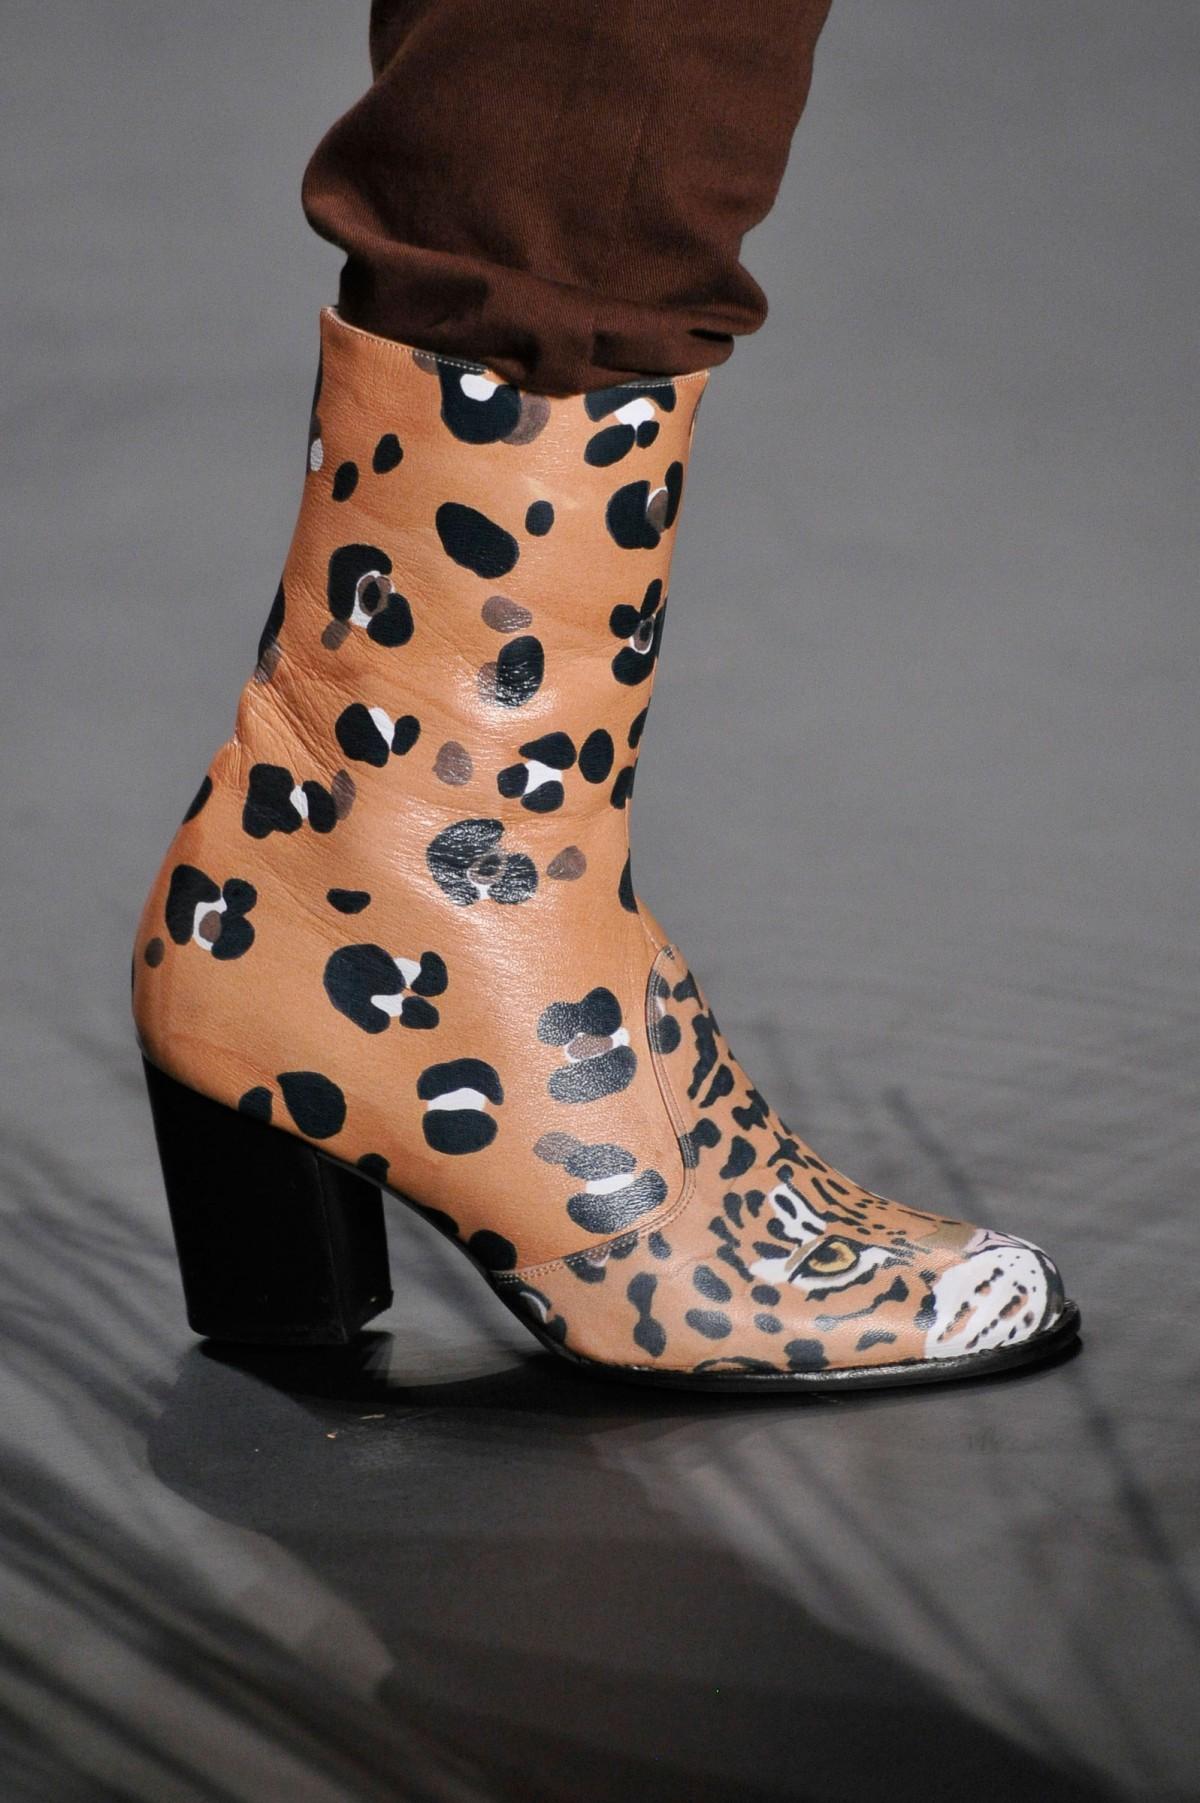 2b90b9804 Galeria de Fotos Acerte o passo: os melhores sapatos nas tendências mais  quentes do SPFW // Notícias // FFW